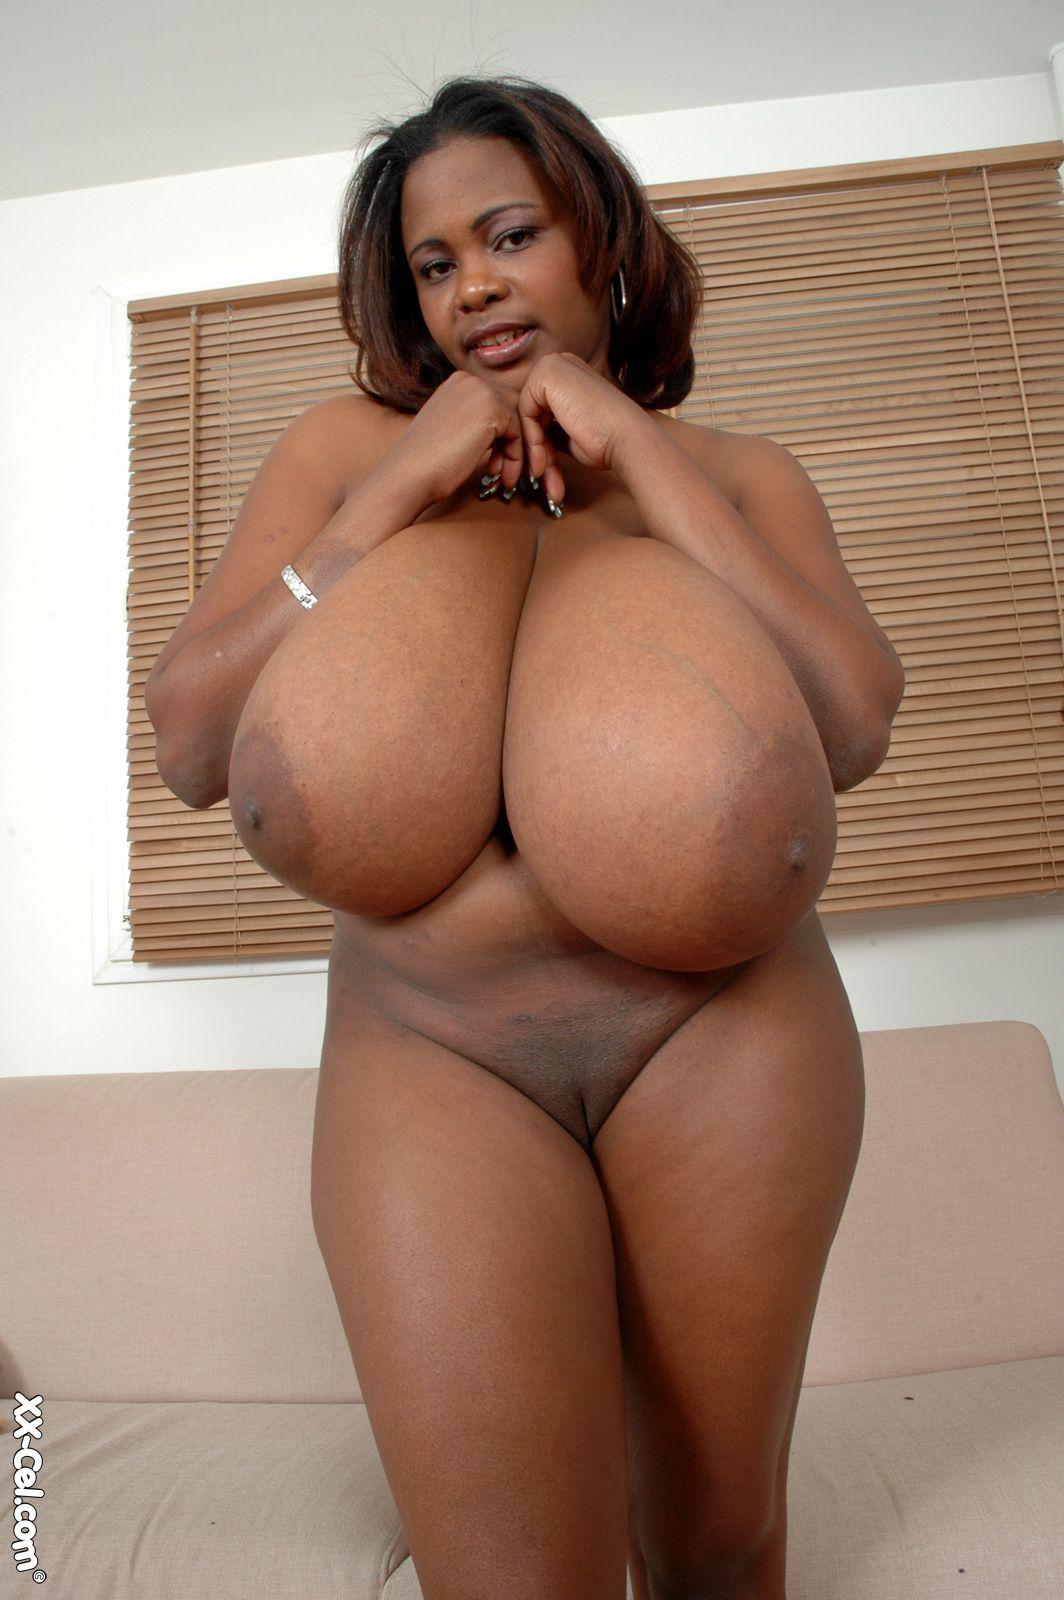 Miosotis big boobs pic